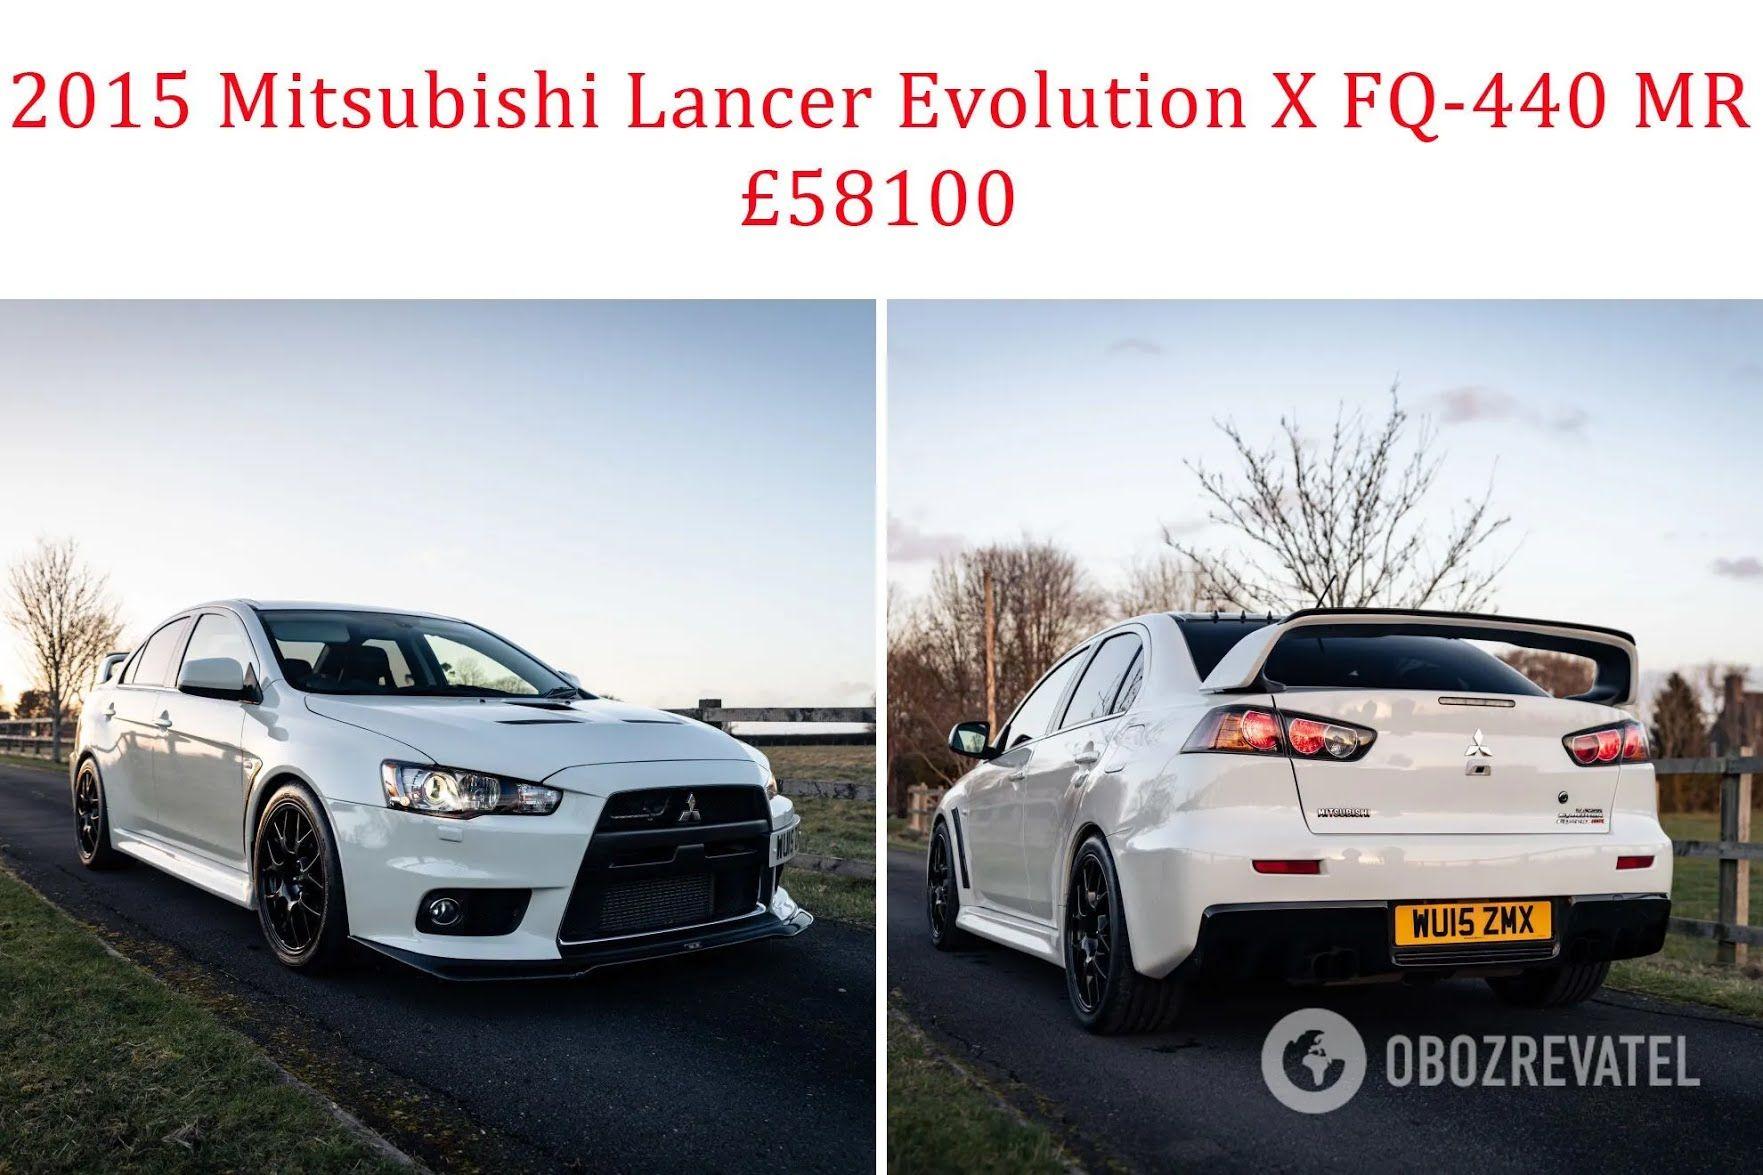 2015 Mitsubishi Lancer Evolution X FQ-440 MR